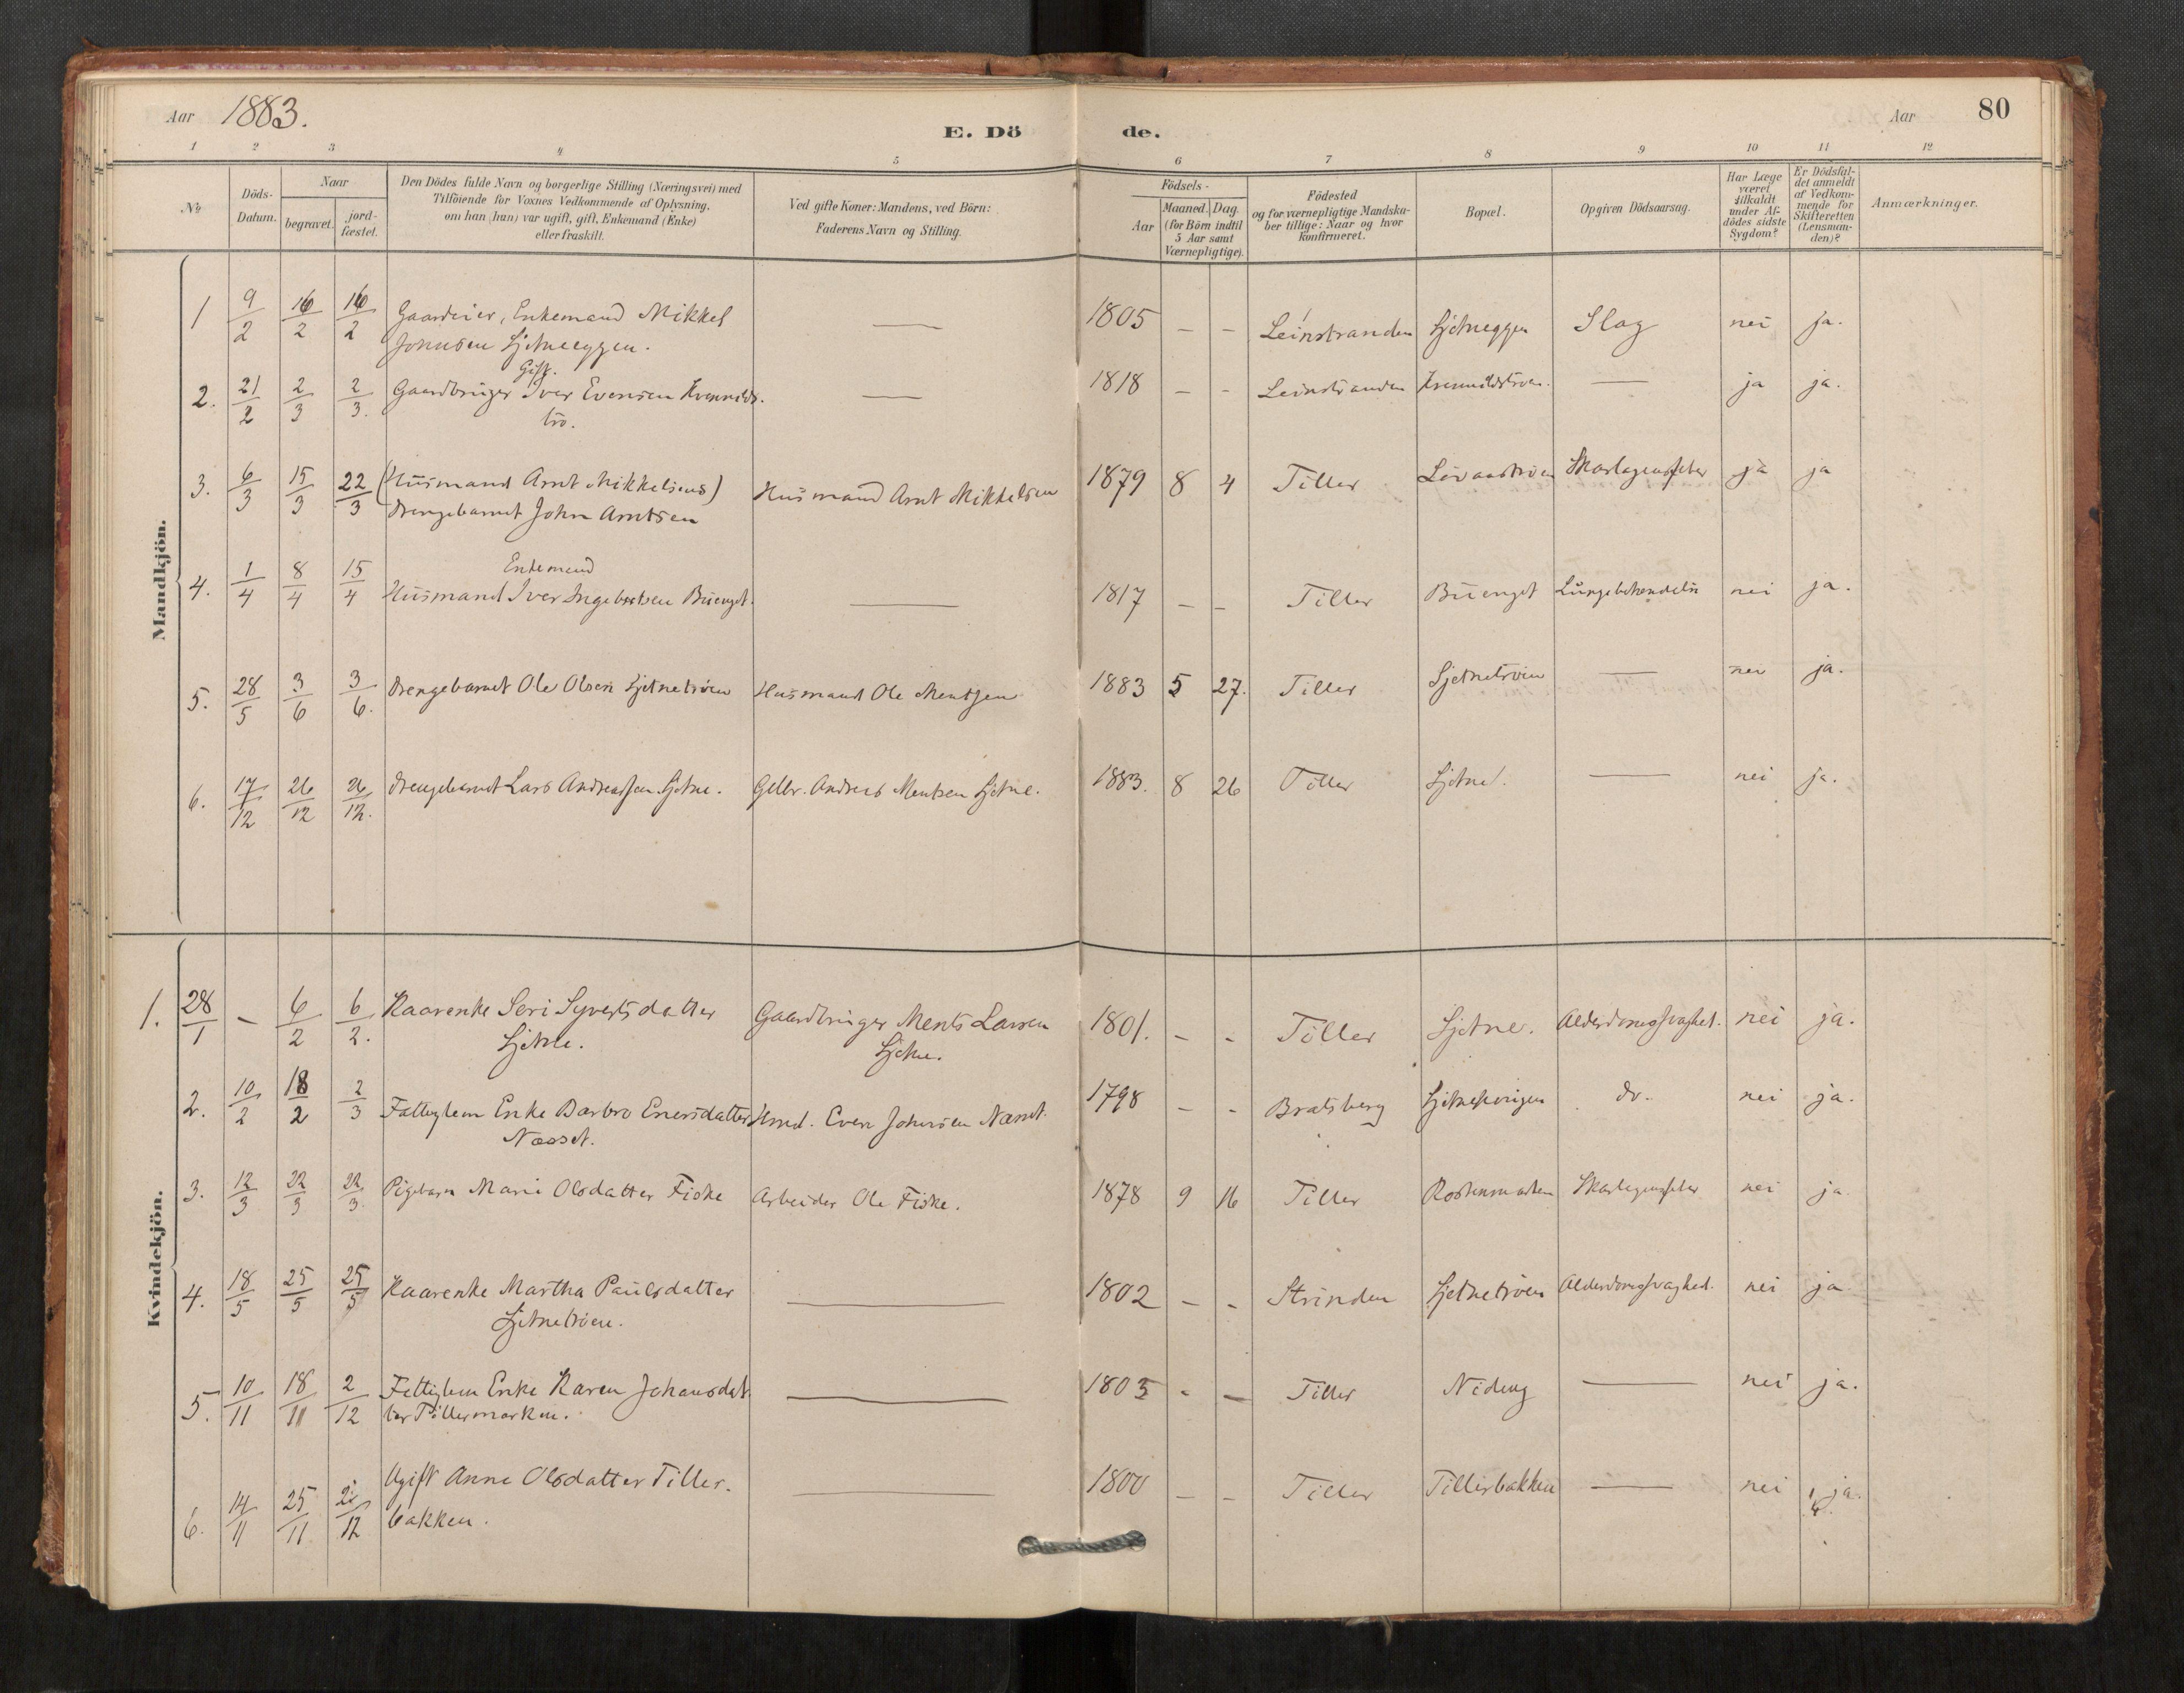 SAT, Klæbu sokneprestkontor, Parish register (official) no. 1, 1880-1900, p. 80